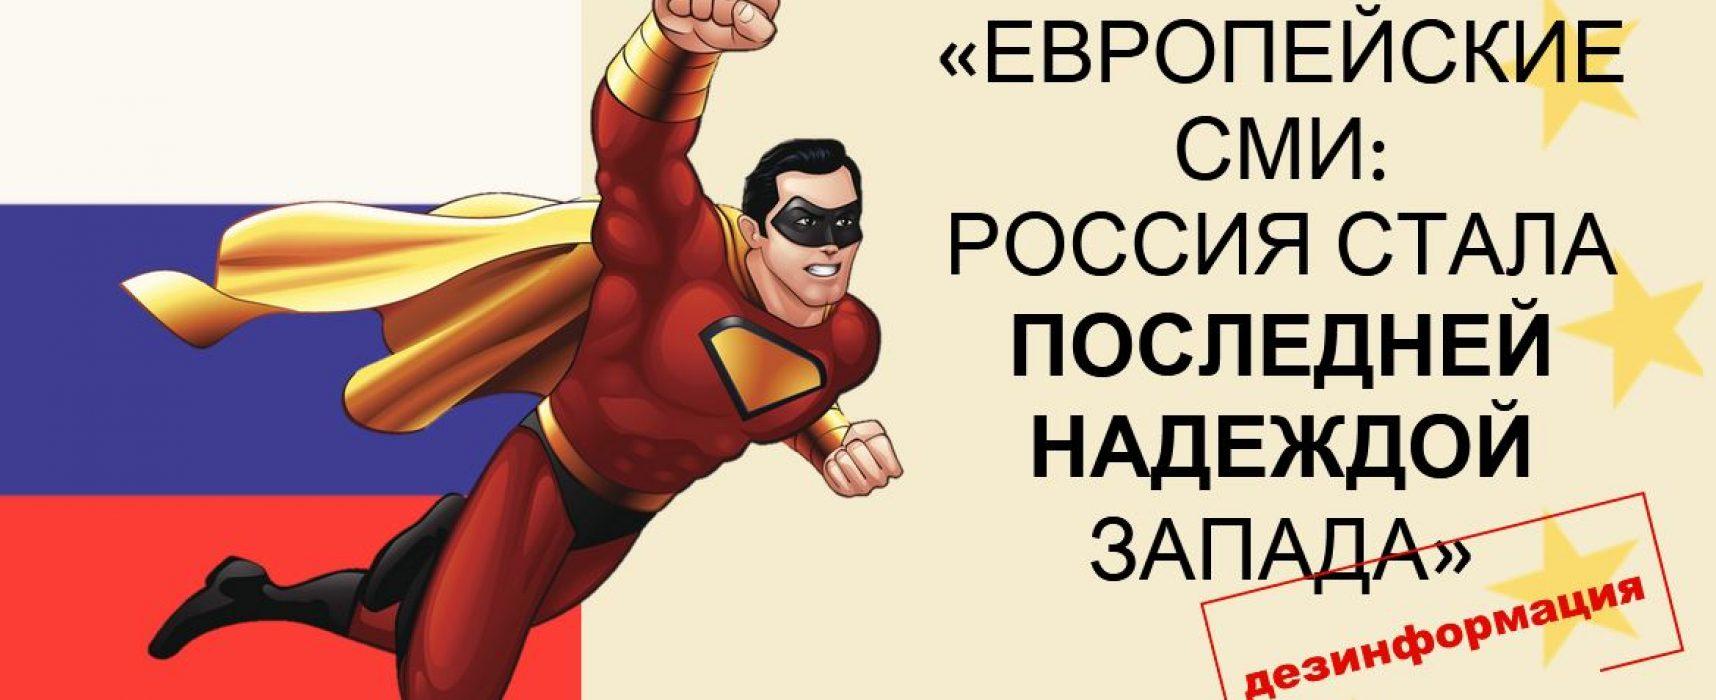 Заголовки за Фрейдом від «РИА Новости»